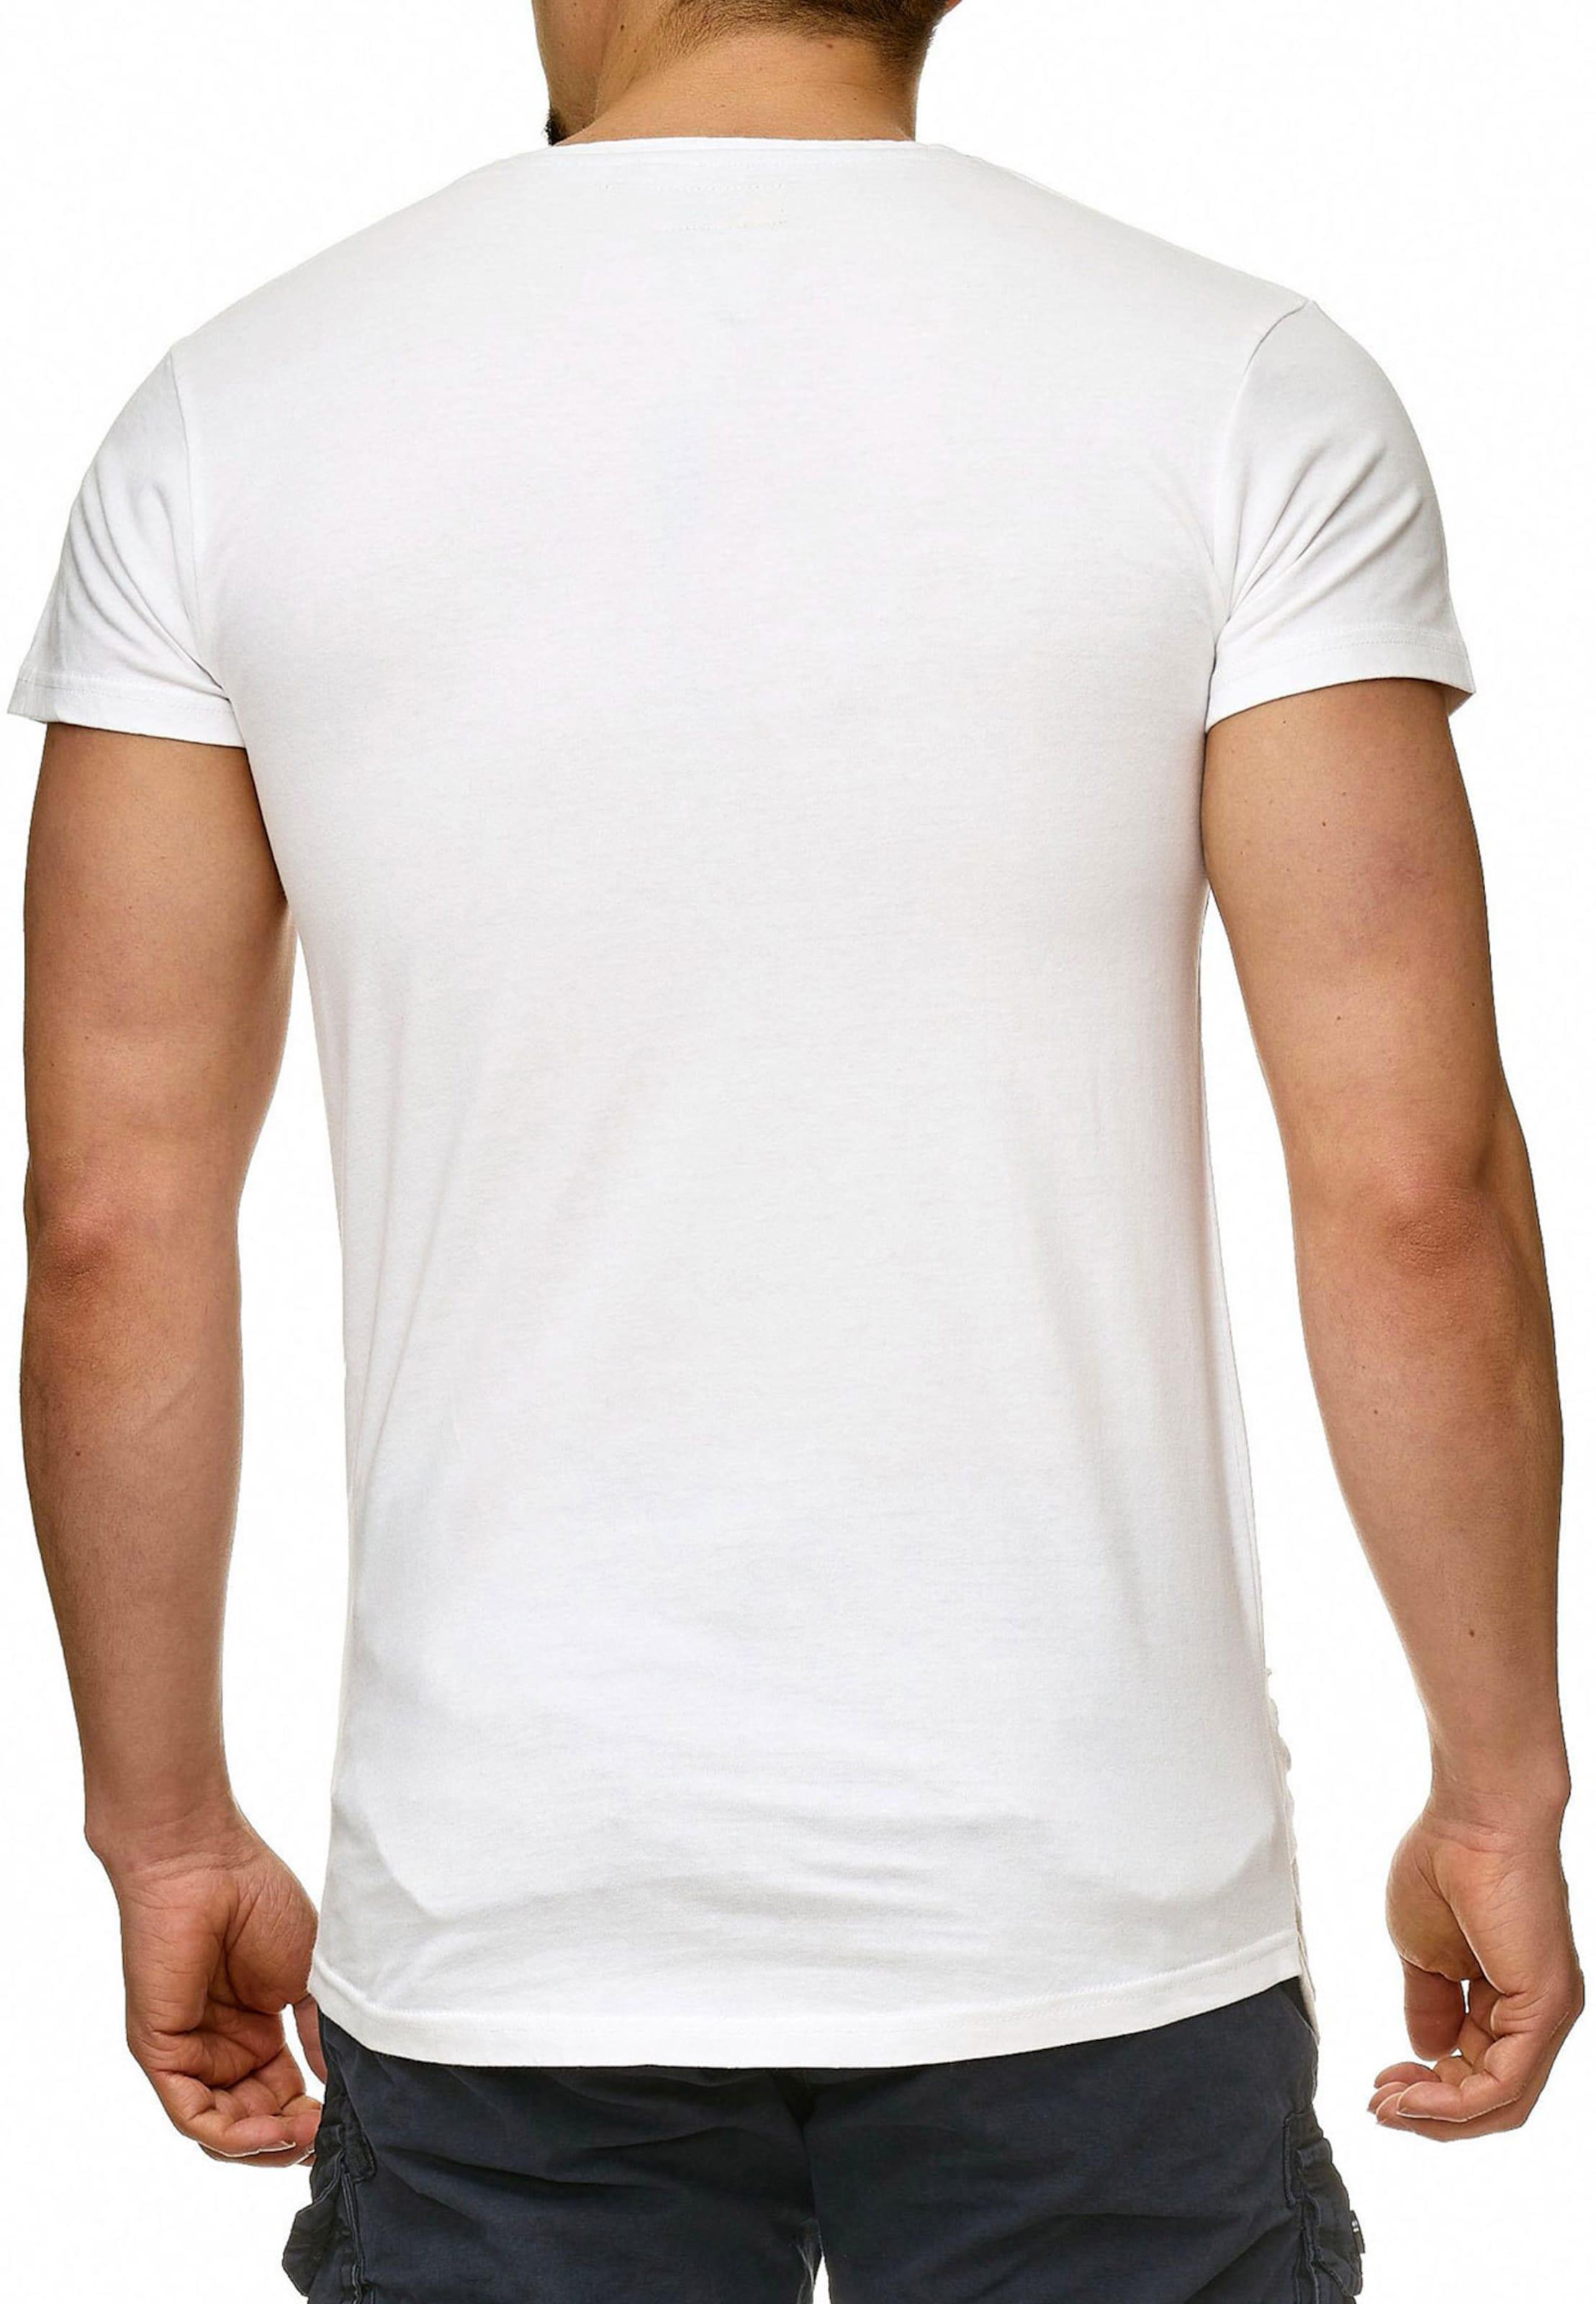 'lund' GraumeliertWeiß In GraumeliertWeiß 'lund' Indicode In Indicode Jeans In Indicode Jeans Jeans 'lund' bf7vYy6g